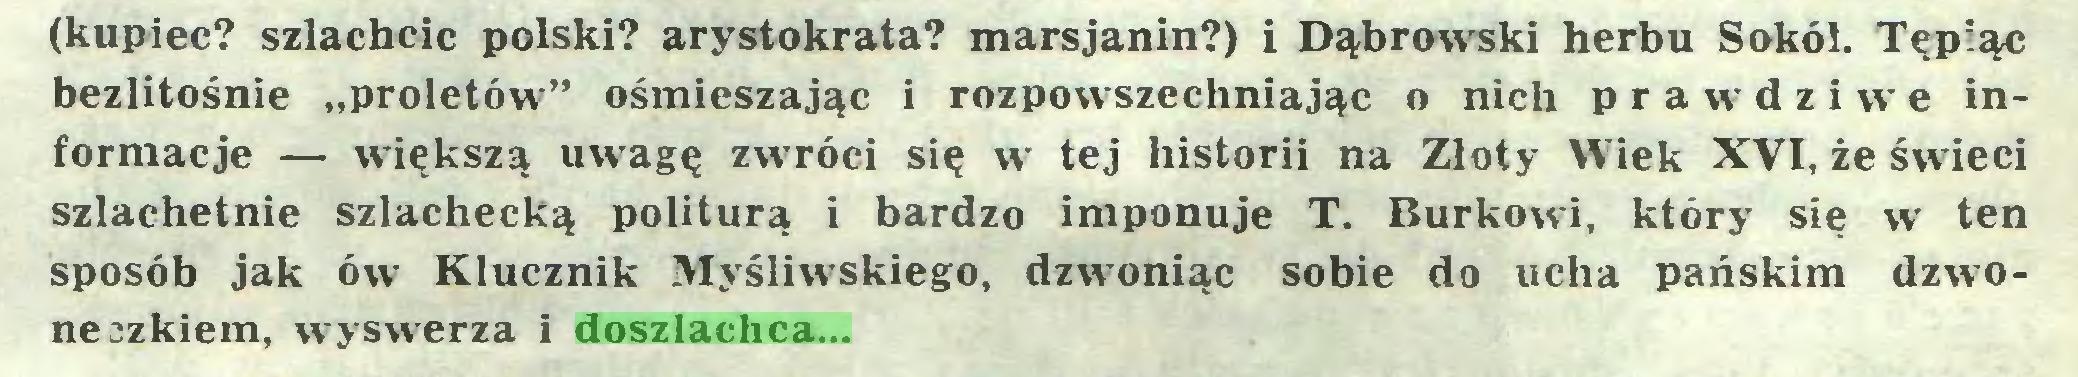 """(...) (kupiec? szlachcic polski? arystokrata? marsjanin?) i Dąbrowski herbu Sokół. Tępiąc bezlitośnie """"proletów"""" ośmieszając i rozpowszechniając o nich prawdziwe informacje — większą uw-agę zw-róci się w tej historii na Złoty Wiek XVI, że śwłeci szlachetnie szlachecką politurą i bardzo imponuje T. Burkowi, który się w ten sposób jak ów Klucznik Myśliwskiego, dzwoniąc sobie do ucha pańskim dzwoneczkiem, wyswerza i doszlachca..."""